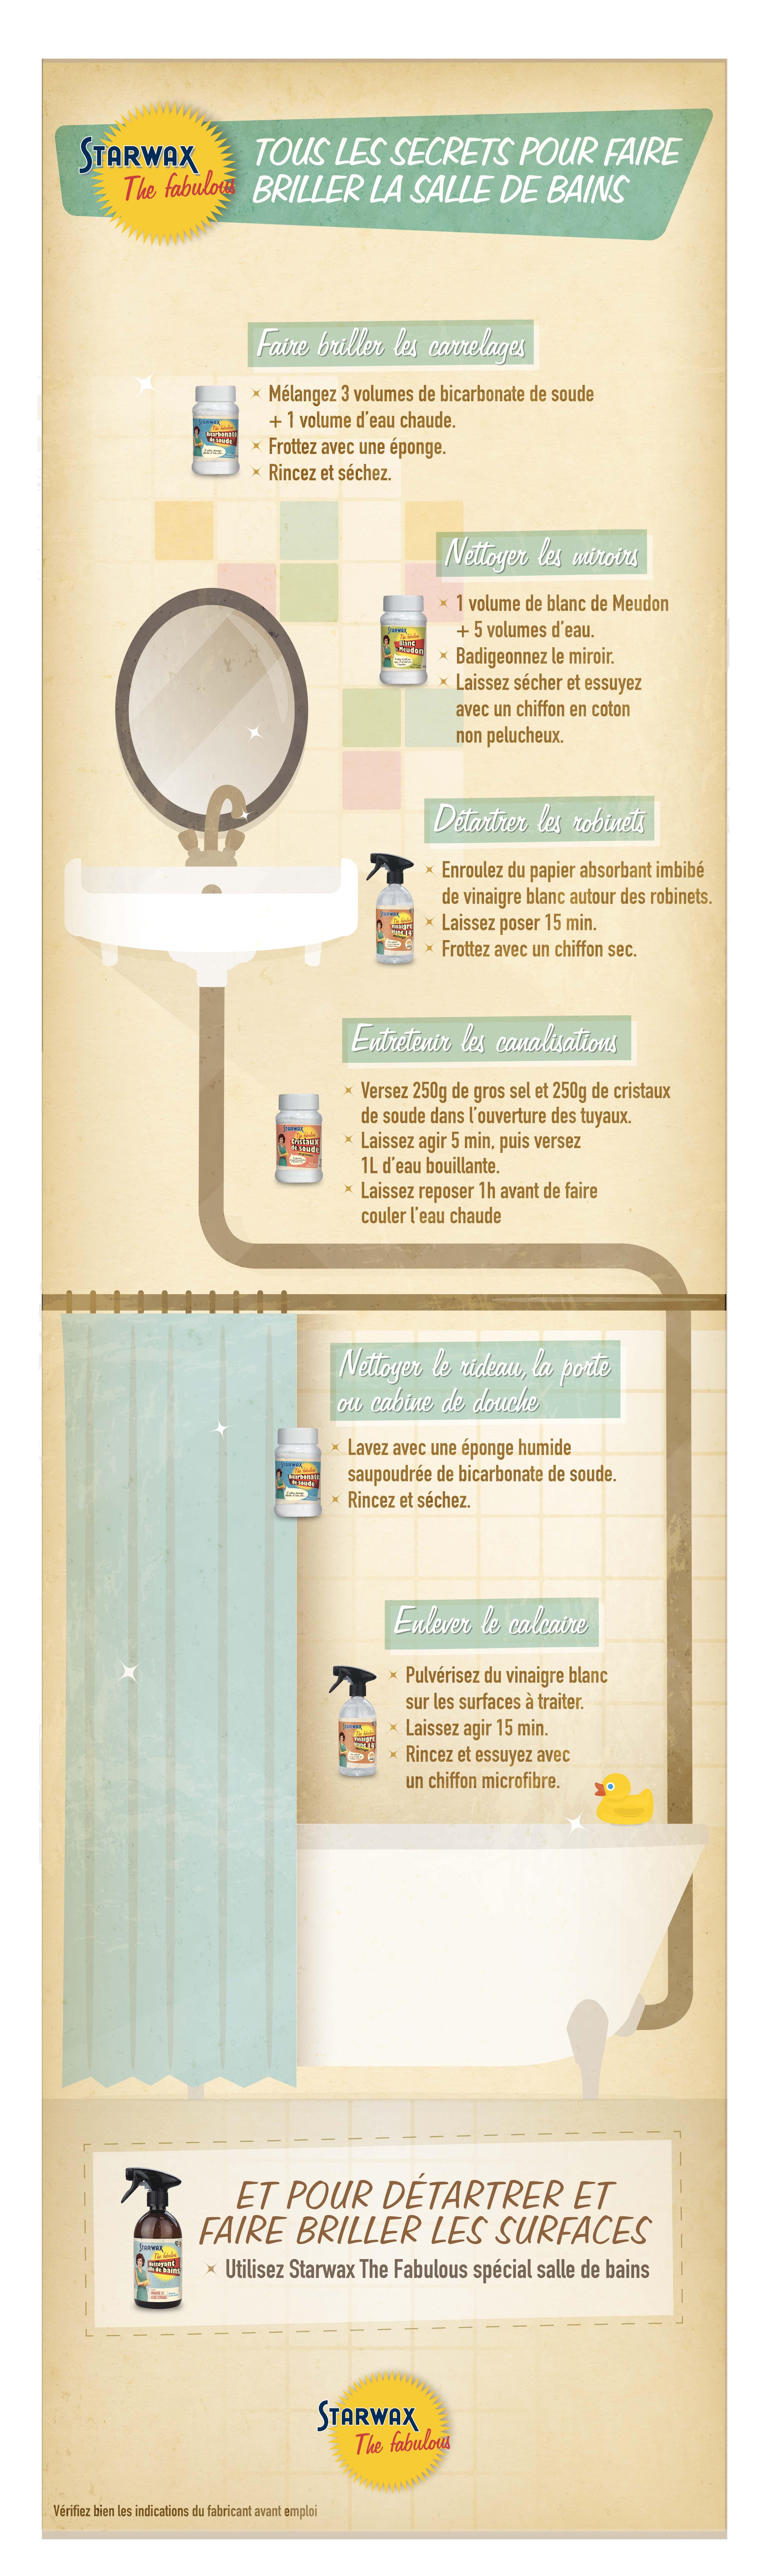 Comment Enlever Les Gouttes De Calcaire Sur Les Vitres tous les secrets pour faire briller la salle de bains